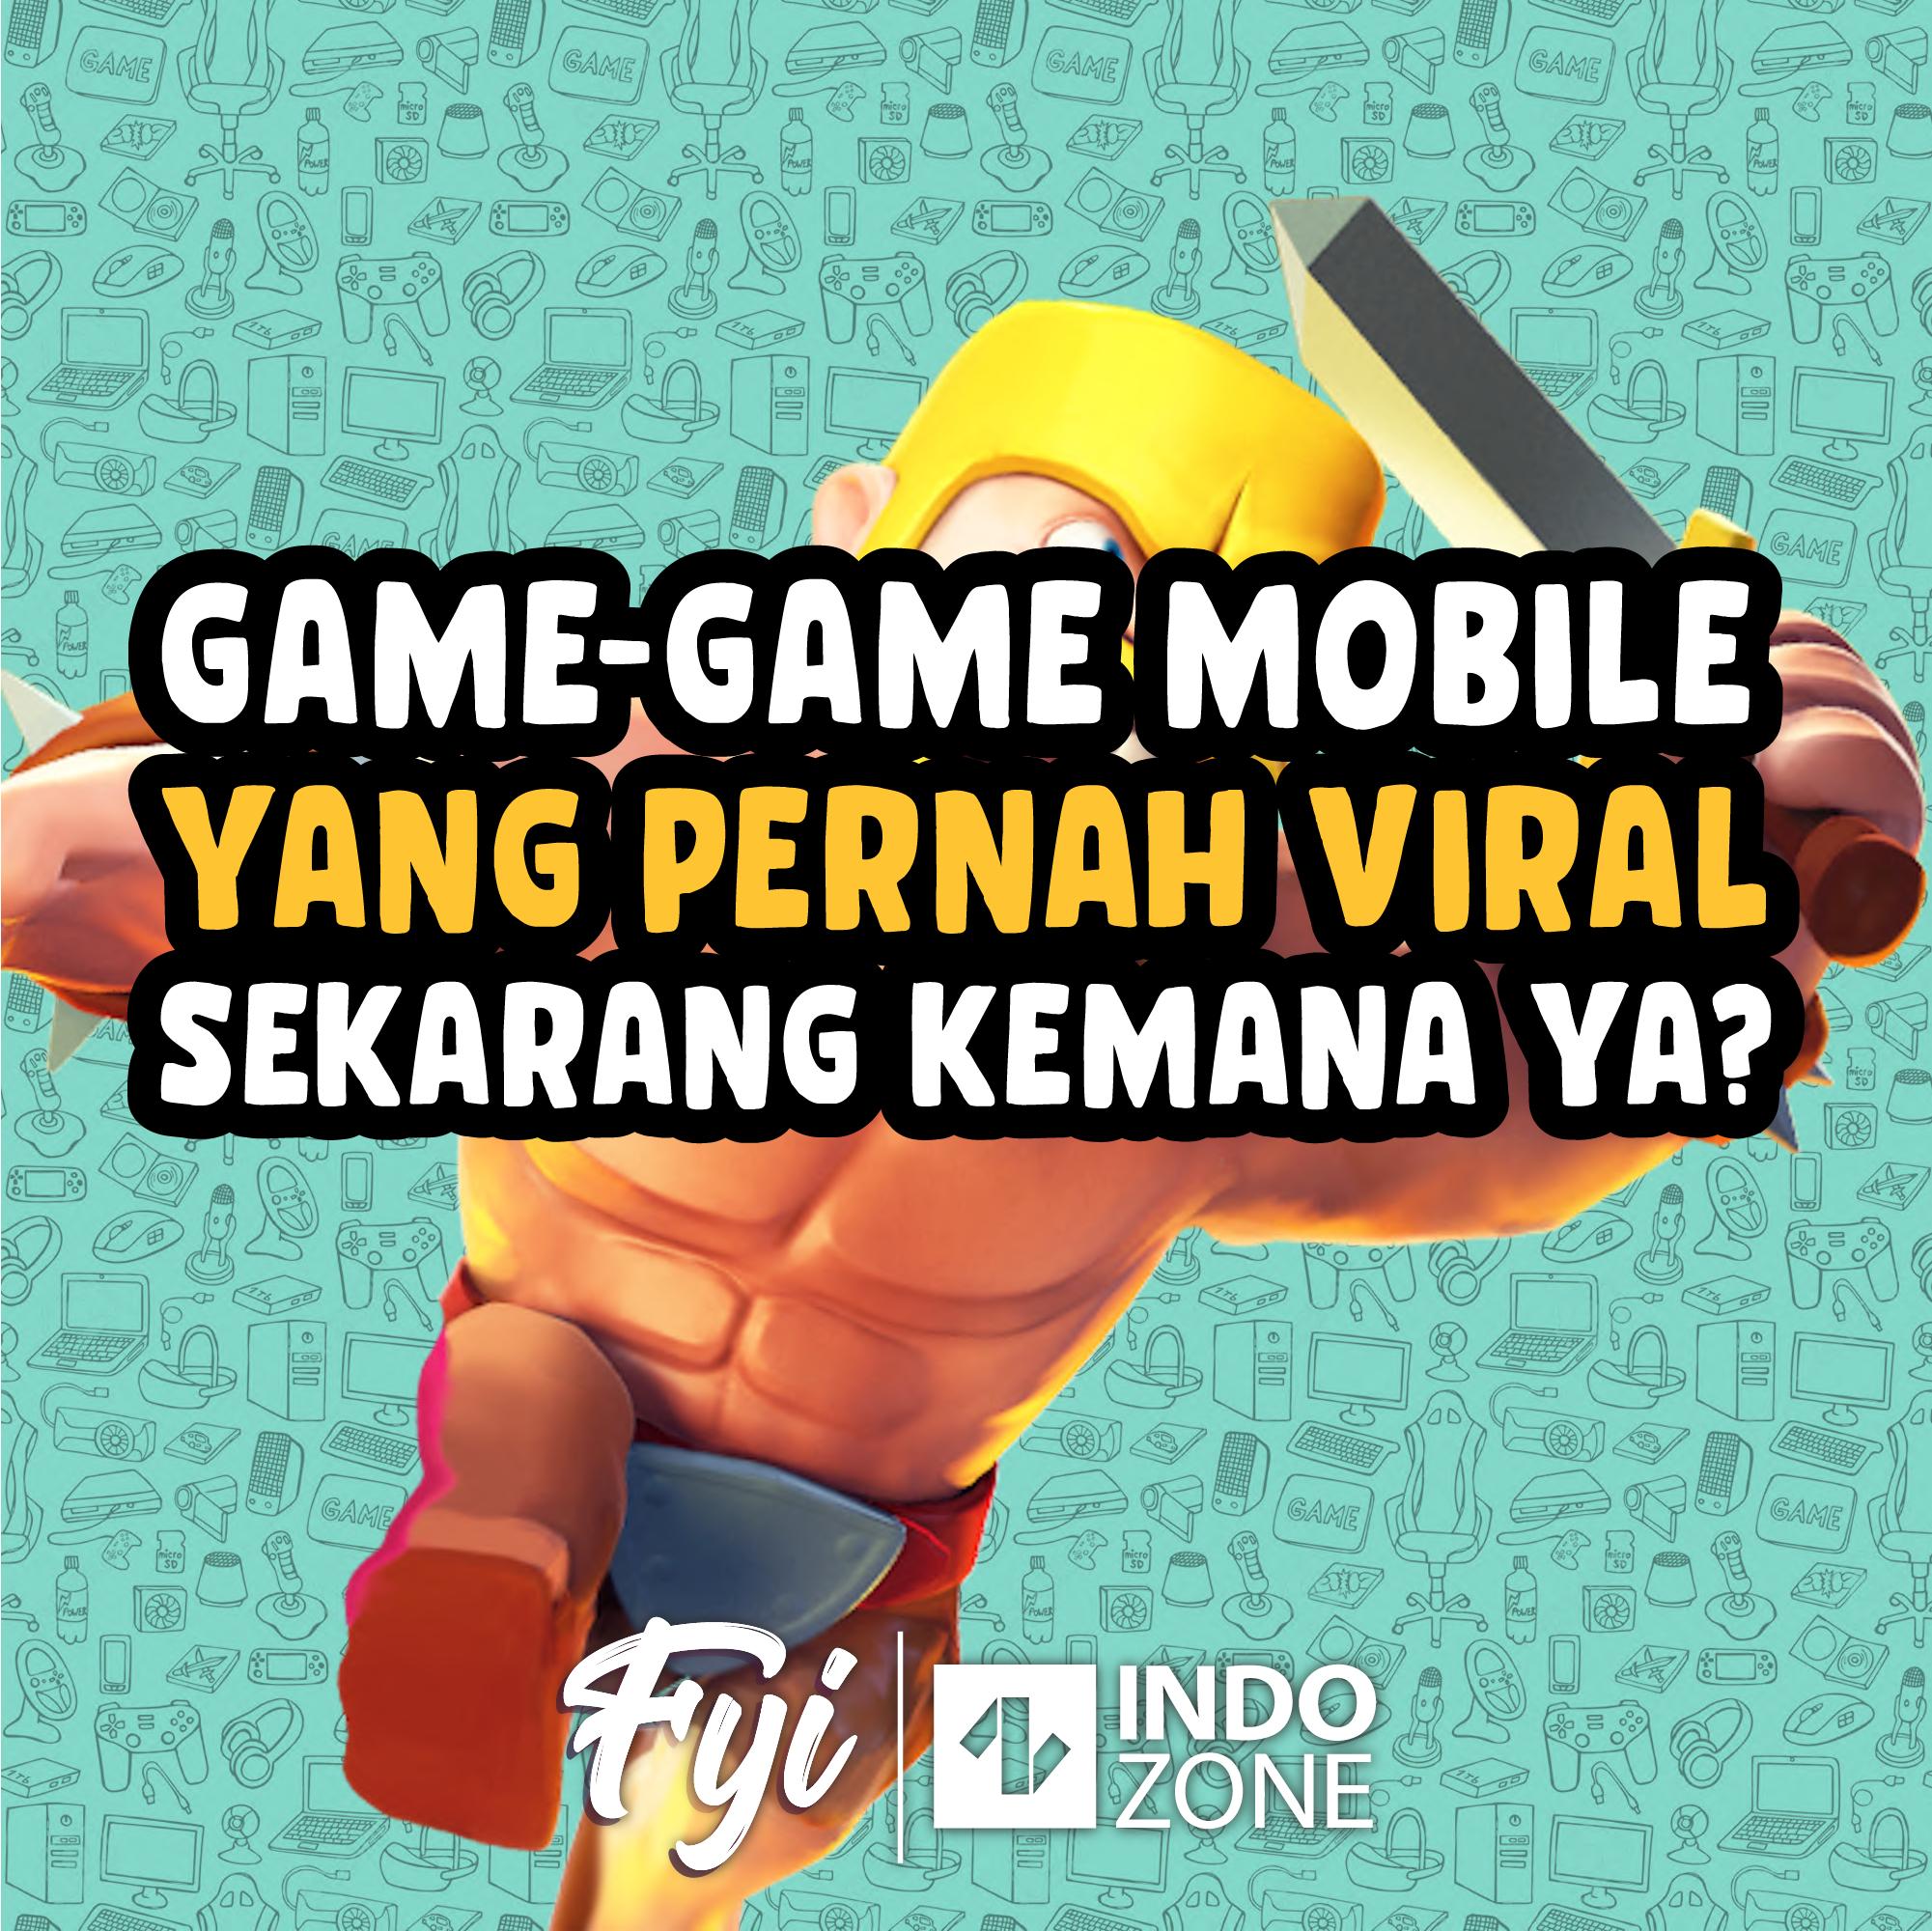 Game-Game Mobile yang Pernah Viral, Sekarang Kemana Ya?